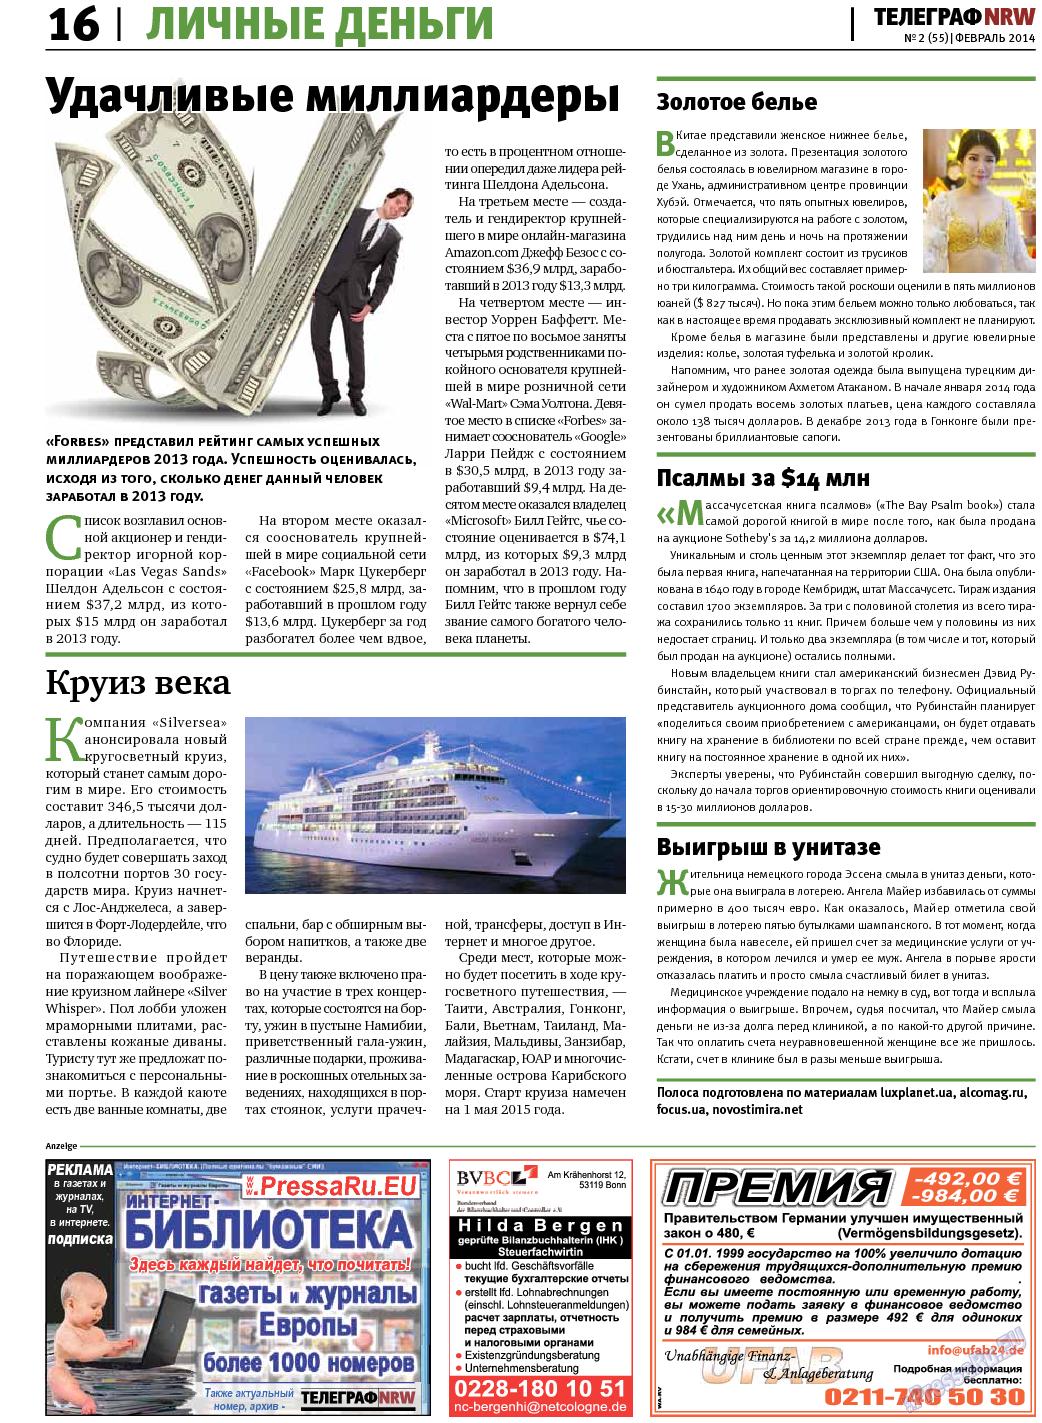 Телеграф NRW (газета). 2014 год, номер 2, стр. 16